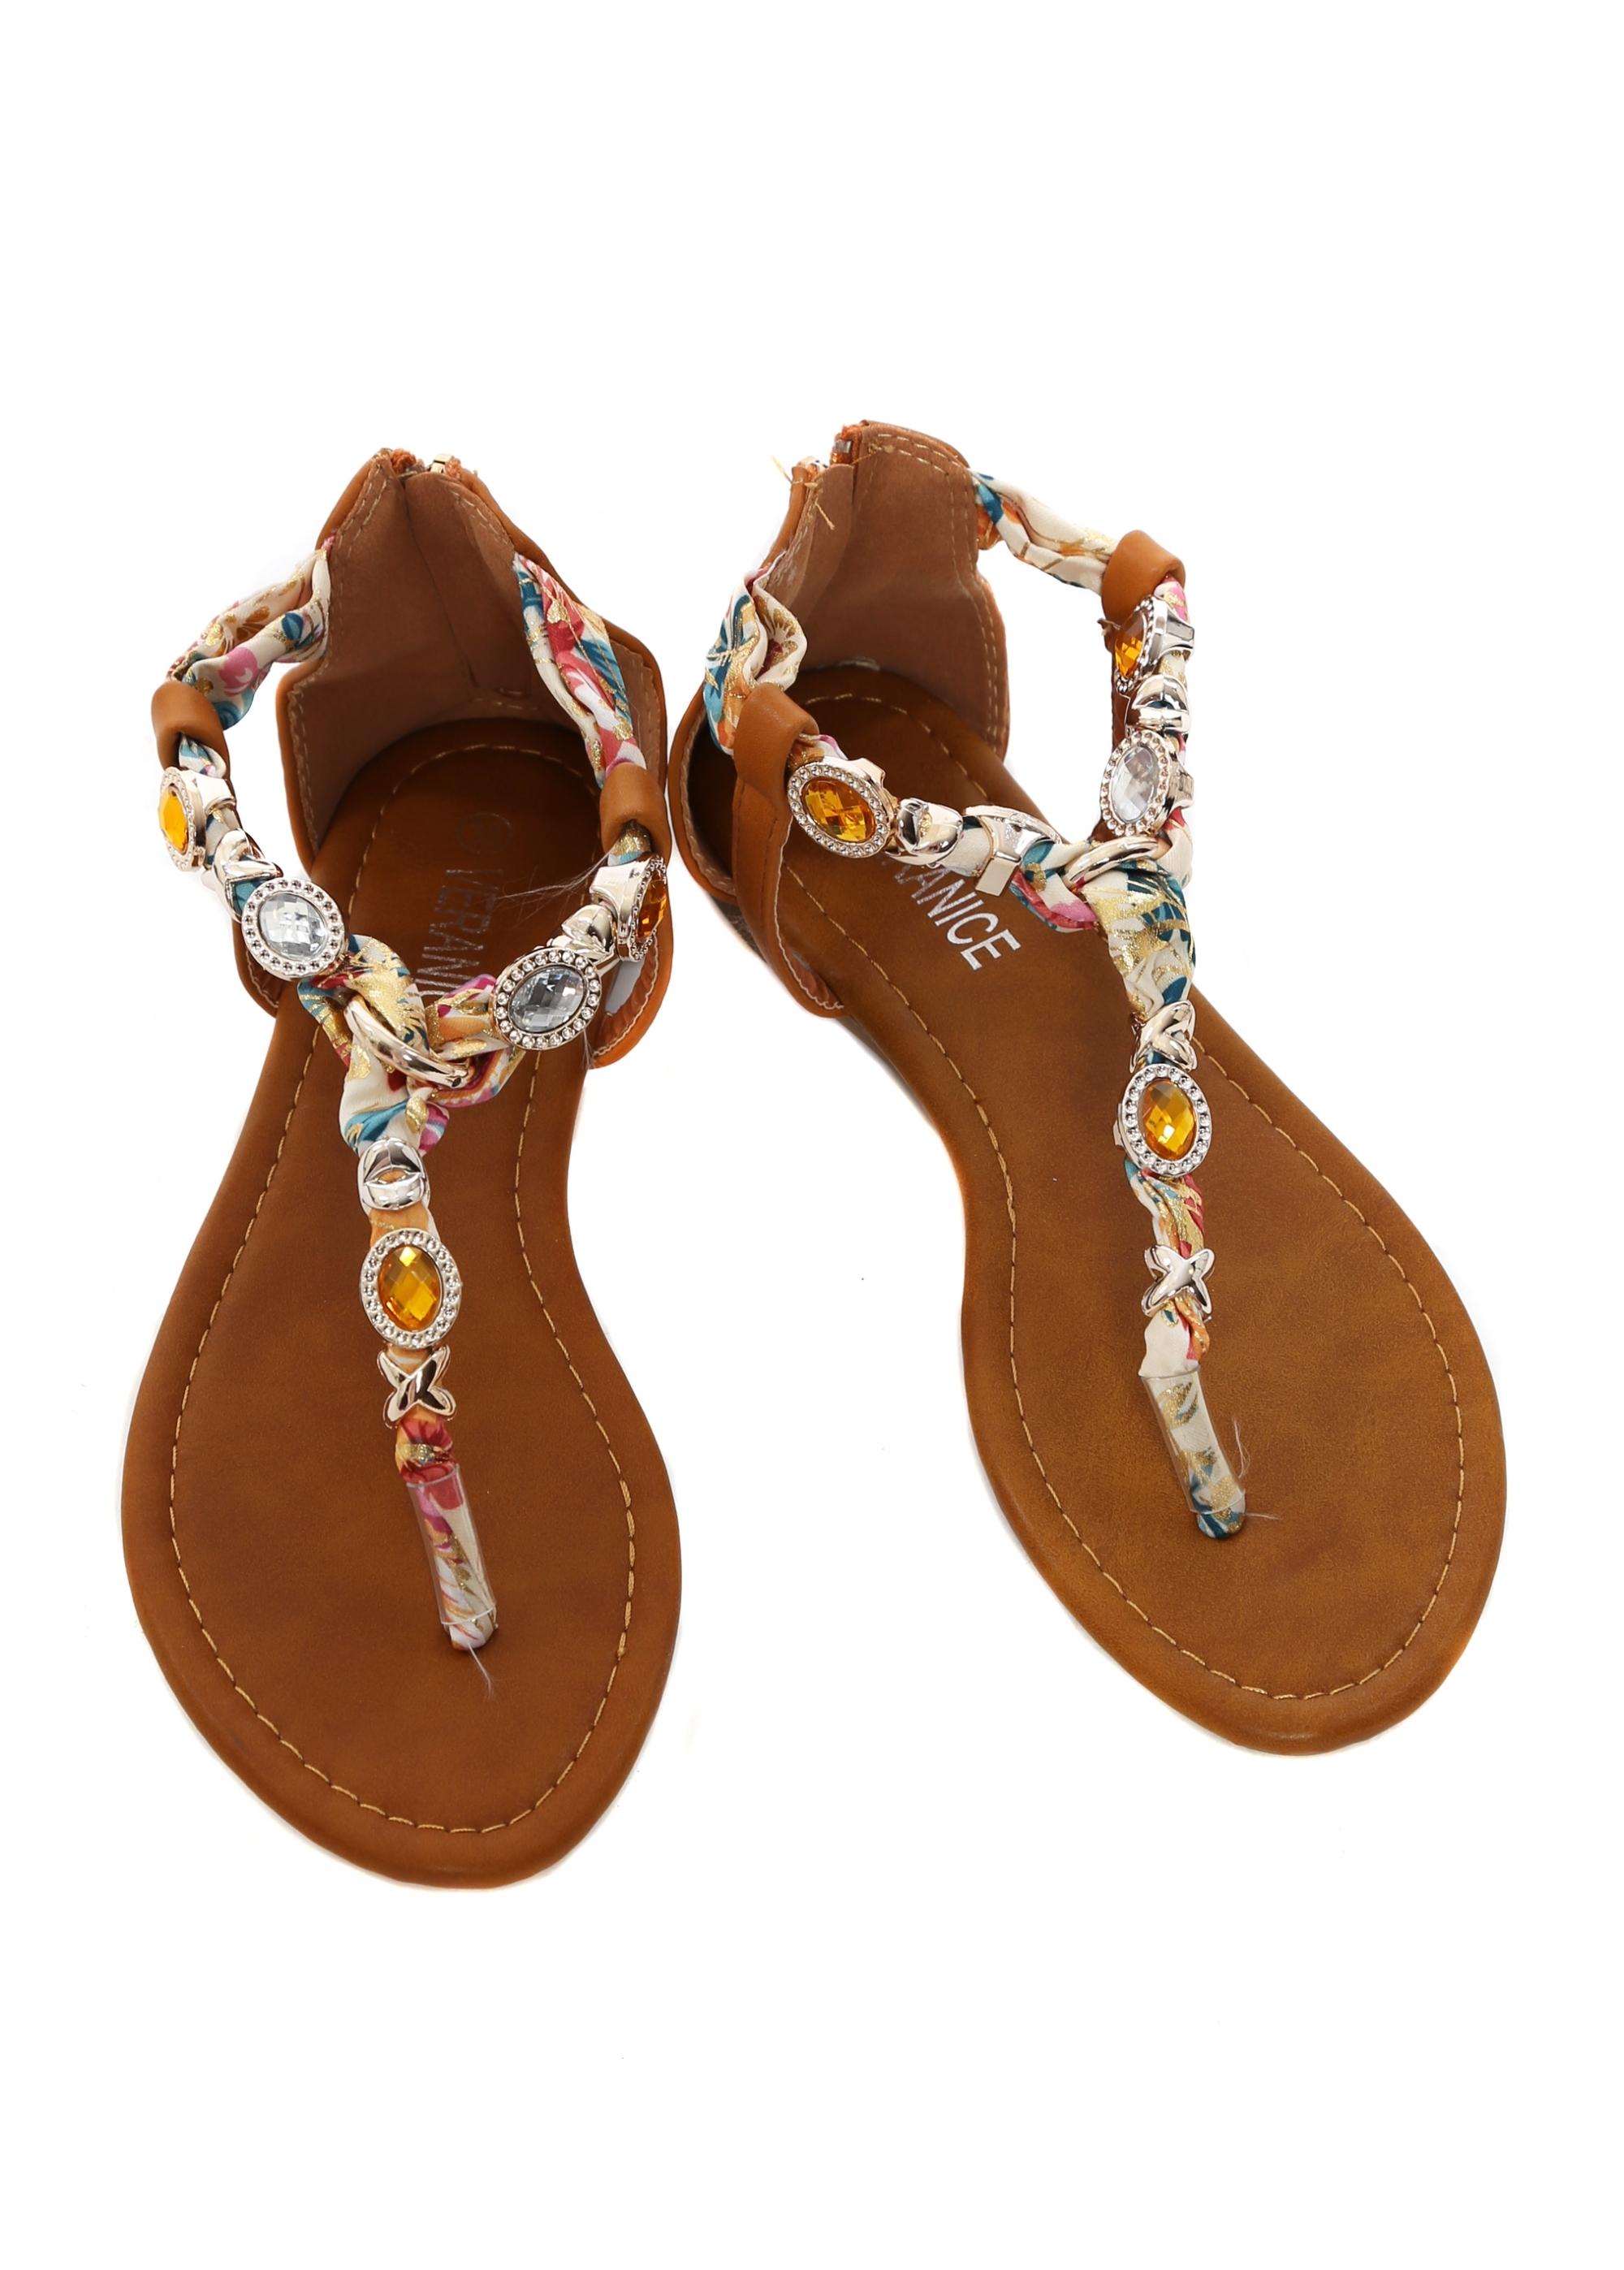 Jewelled Pretty Flat Toe Post Sandals